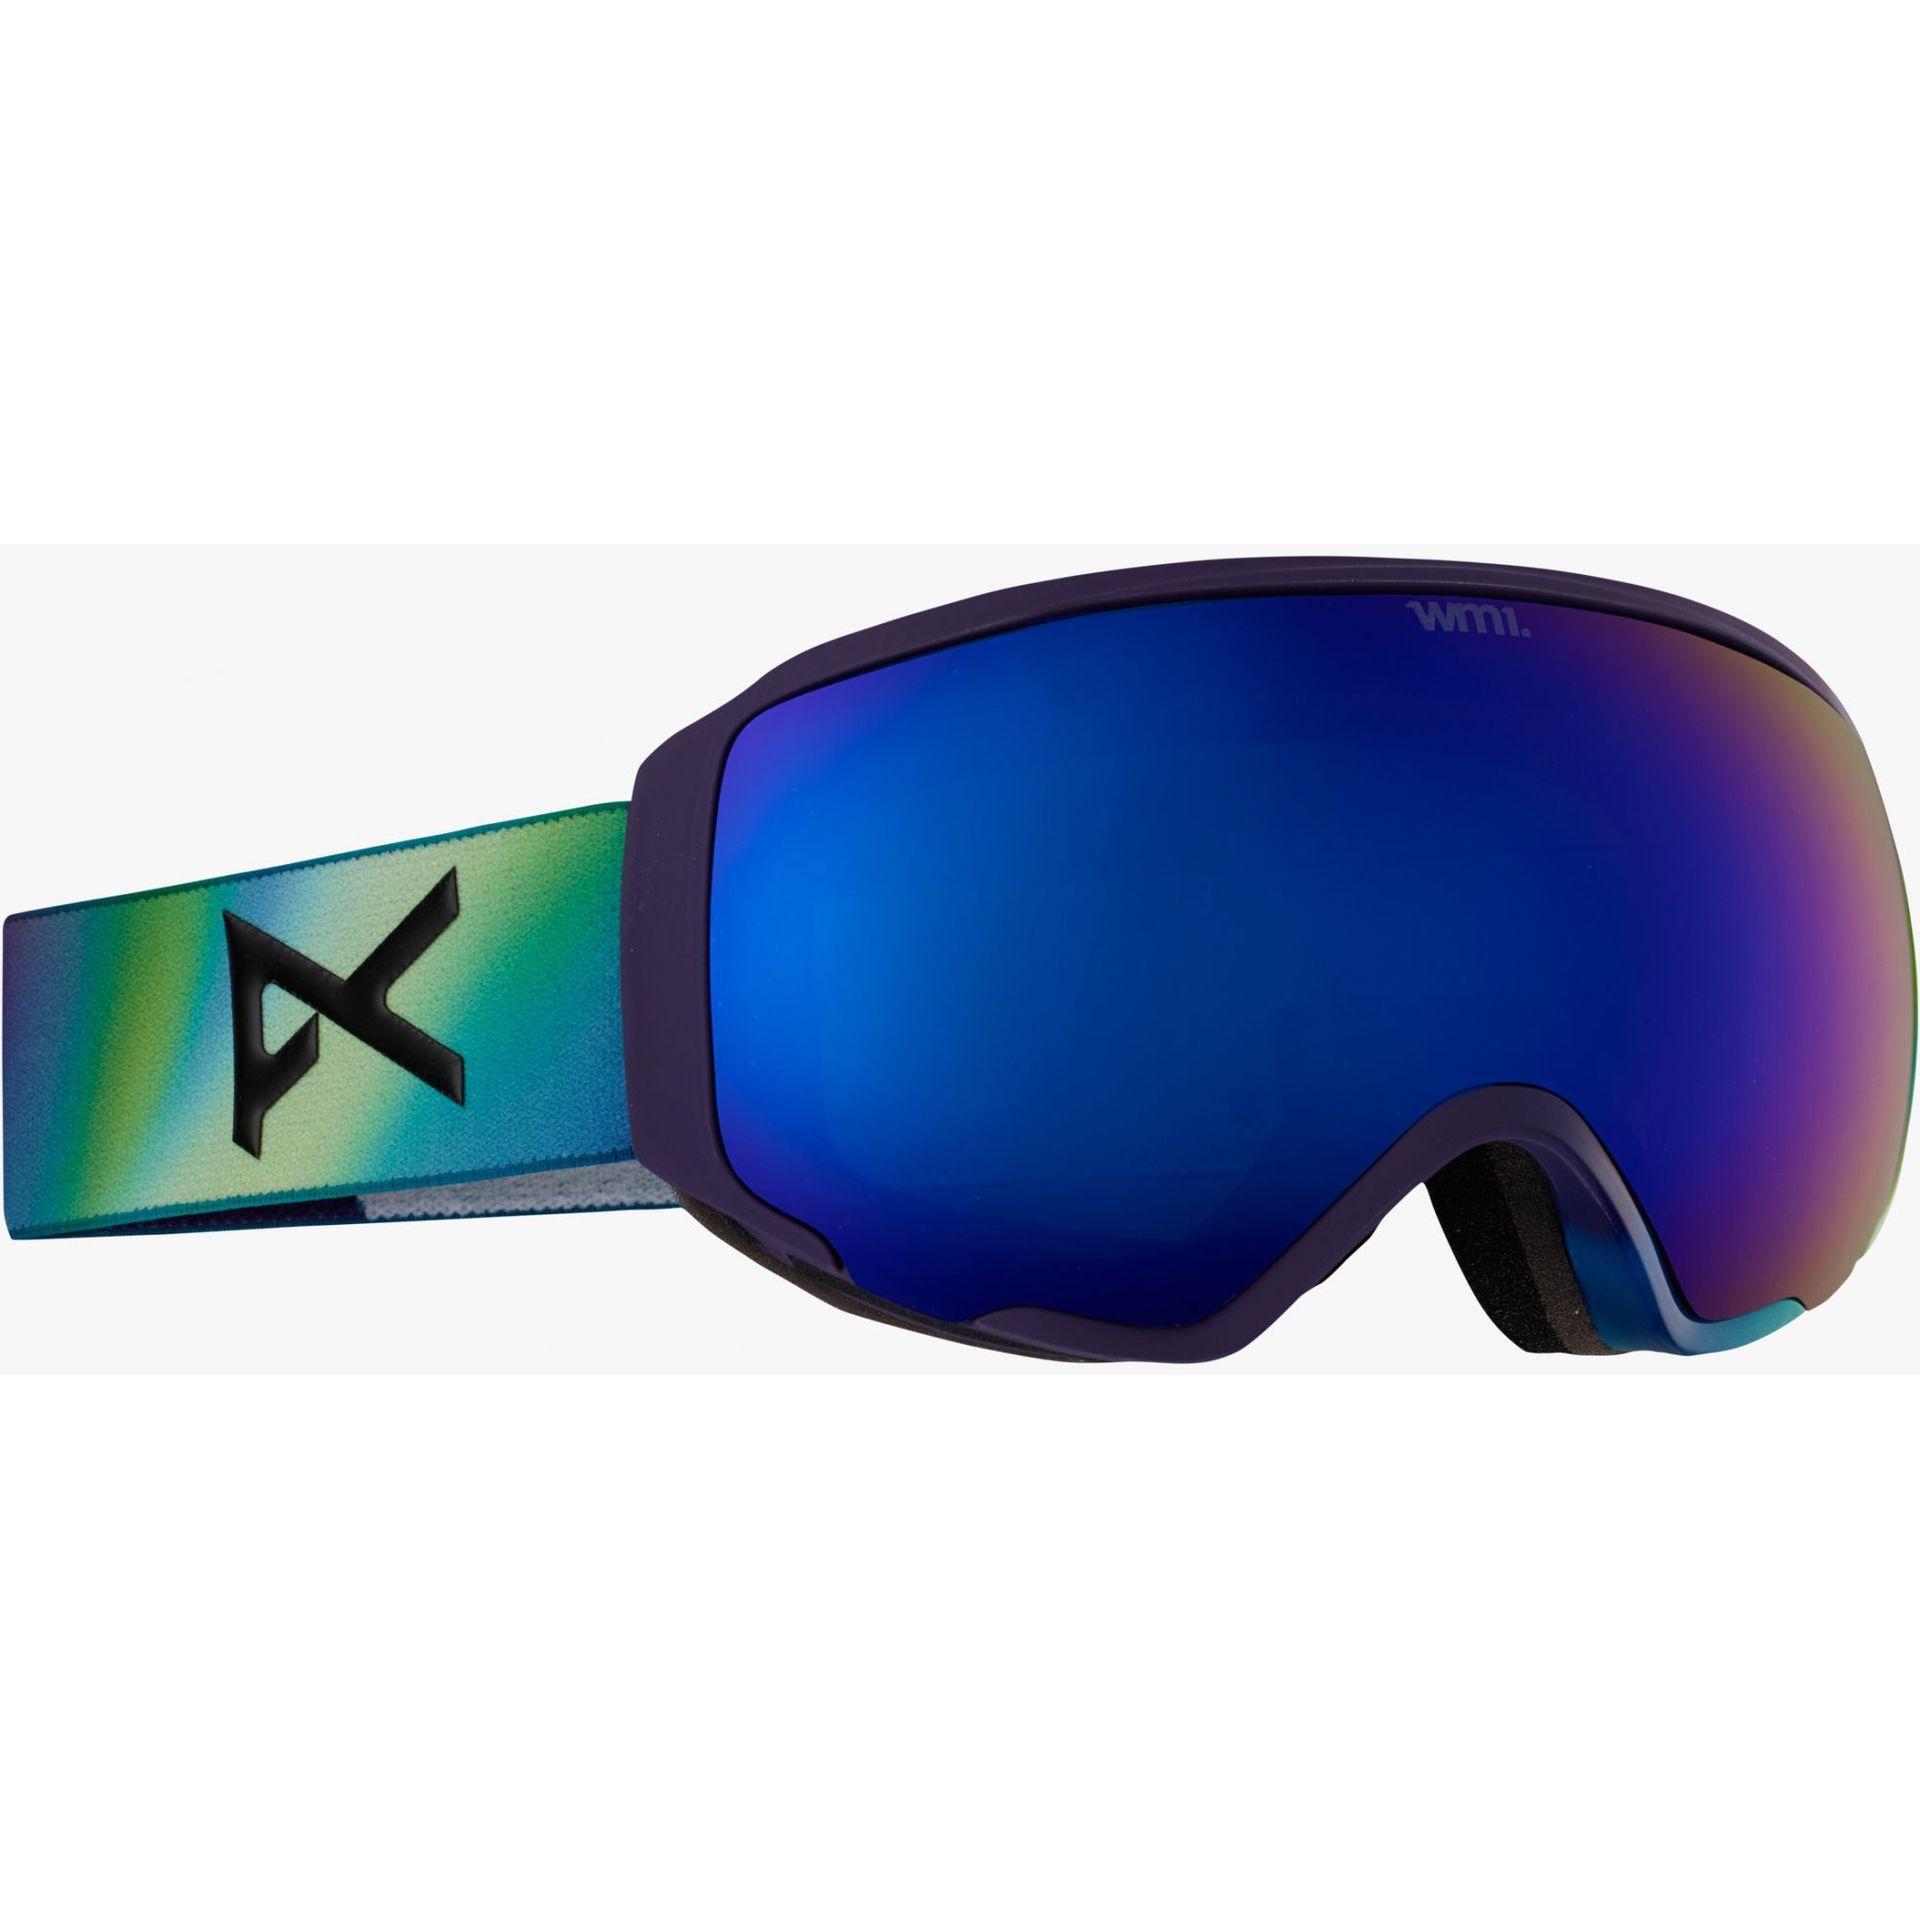 GOGLE ANON WM1 AUSTALIS BLUE COBALT